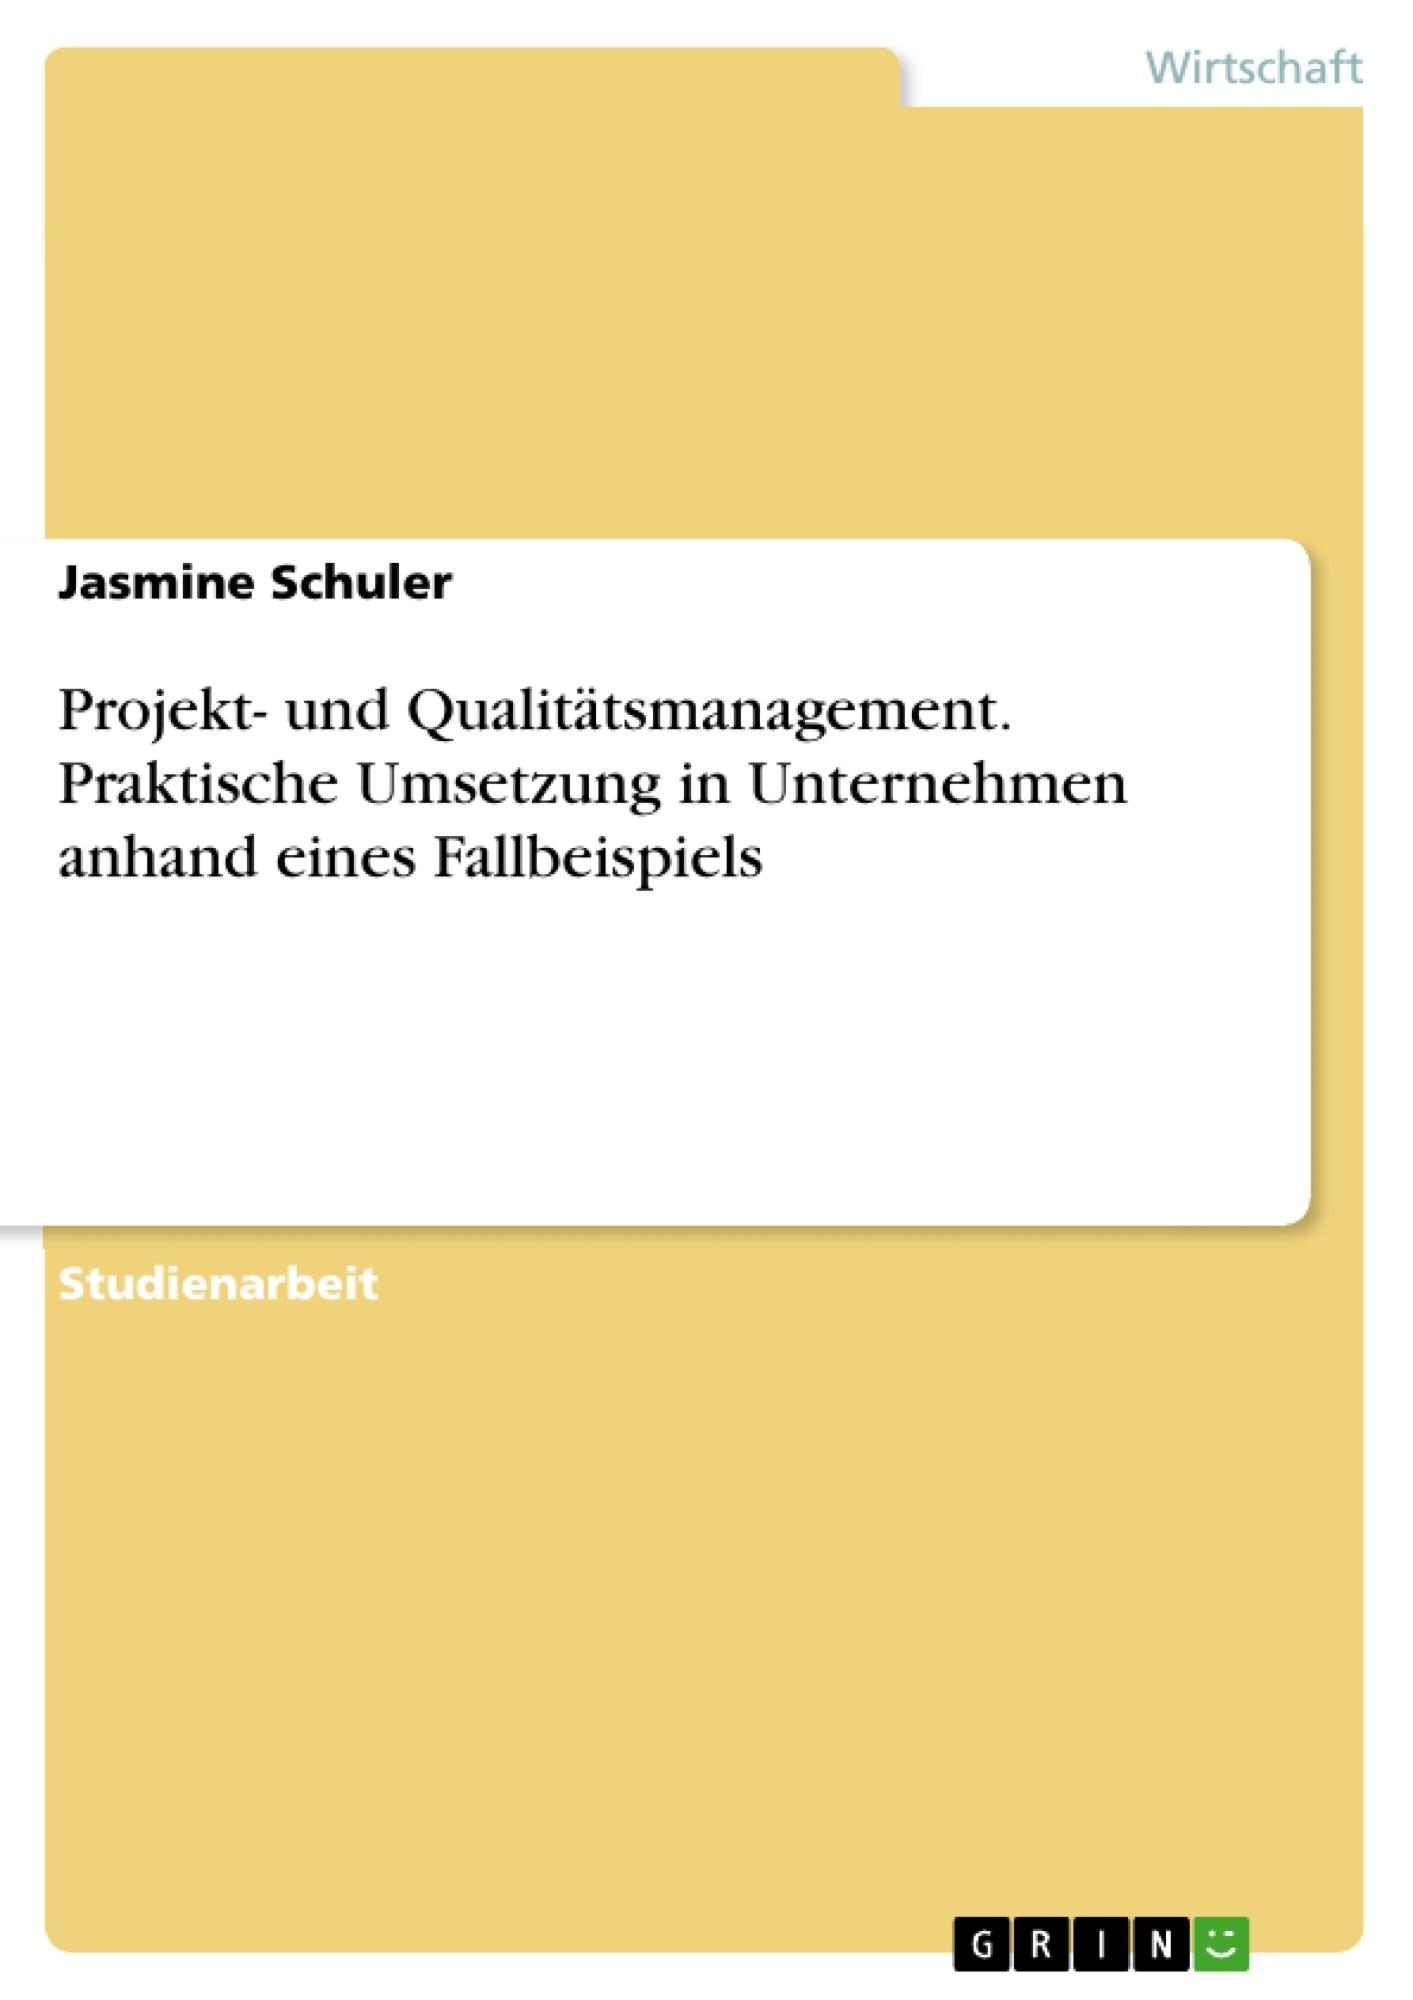 Titel: Projekt- und Qualitätsmanagement. Praktische Umsetzung in Unternehmen anhand eines Fallbeispiels